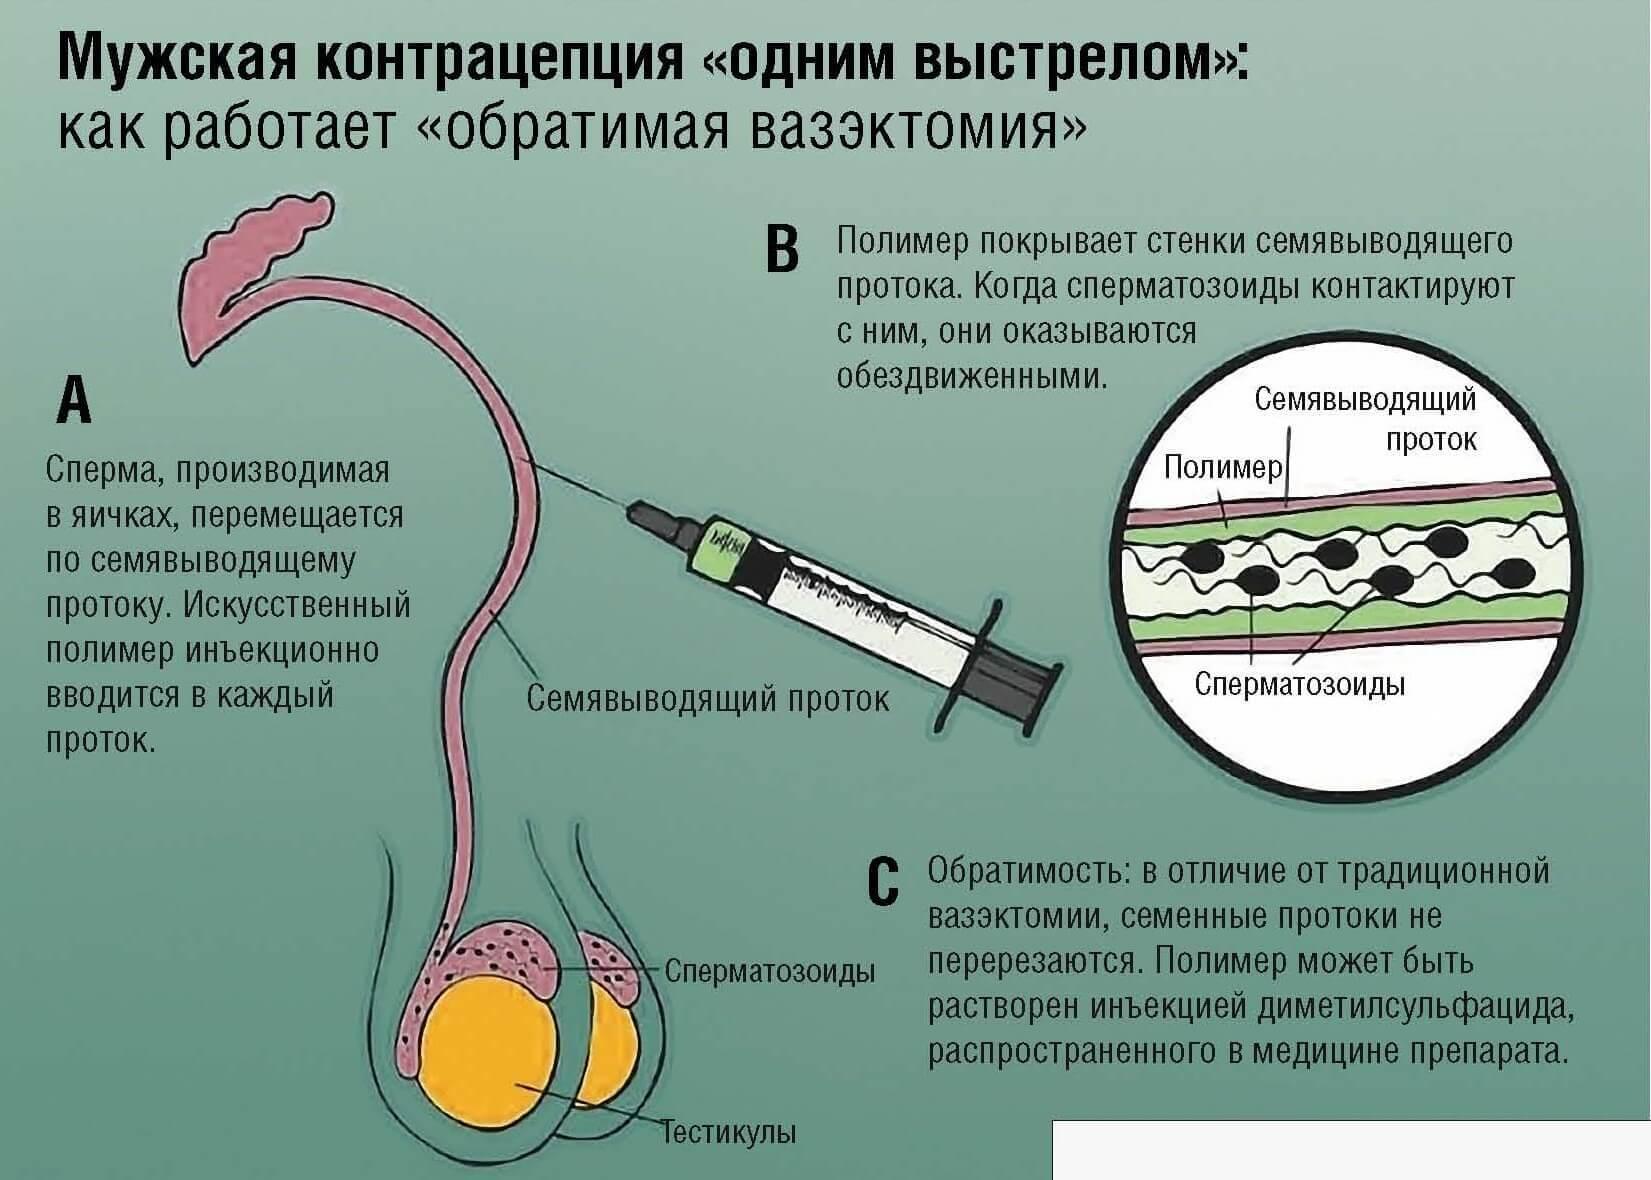 Обратная вазектомия